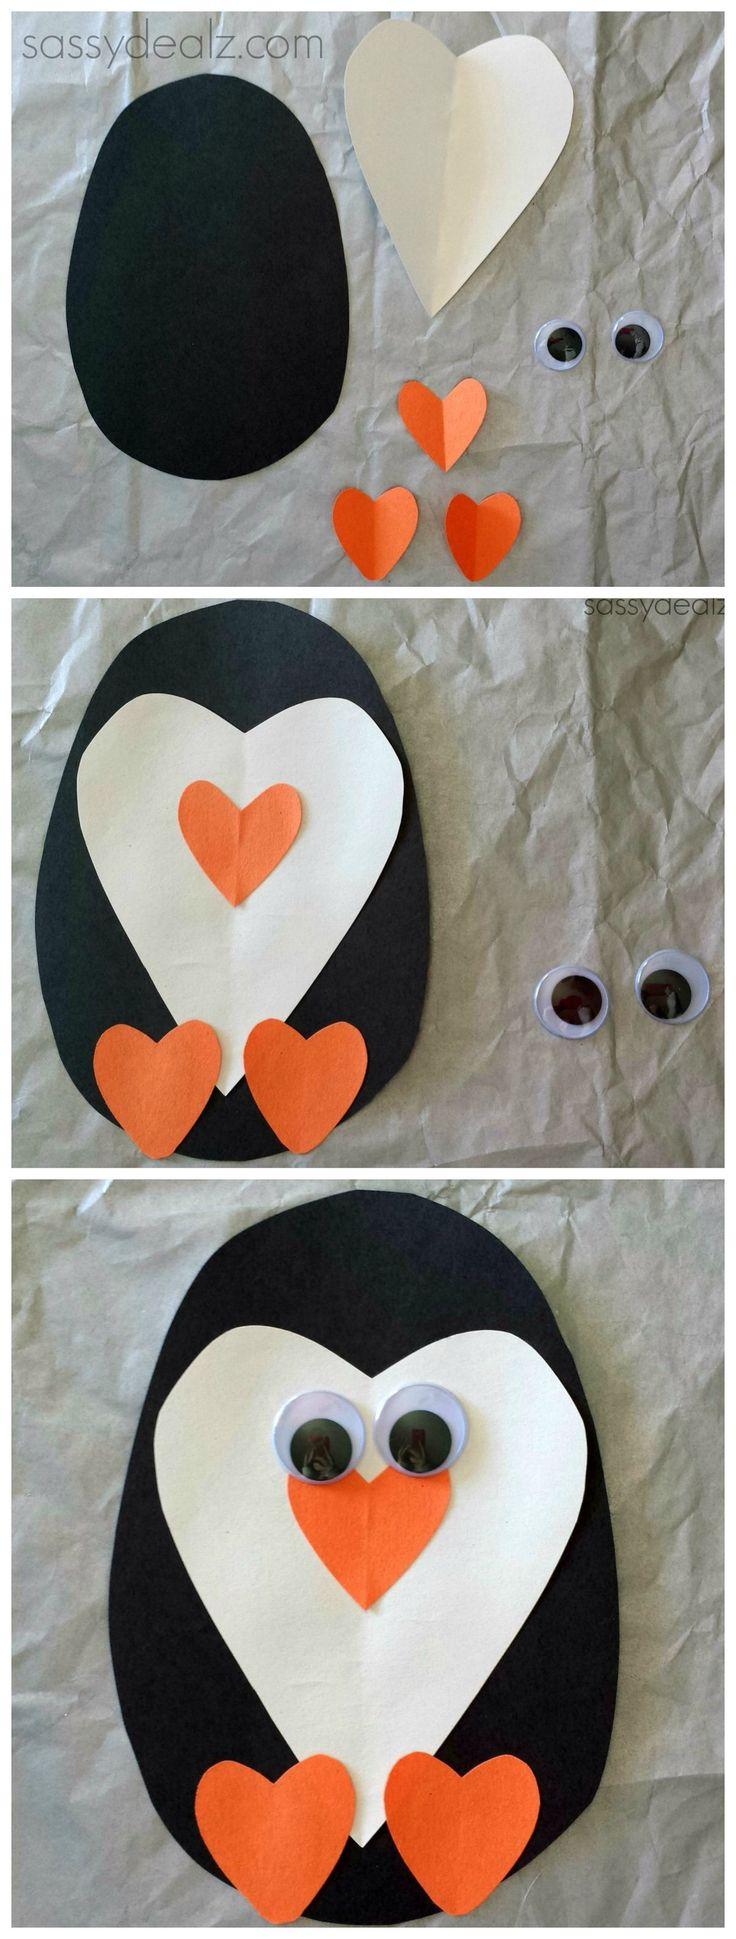 Pingüino                                                                                                                                                                                 More